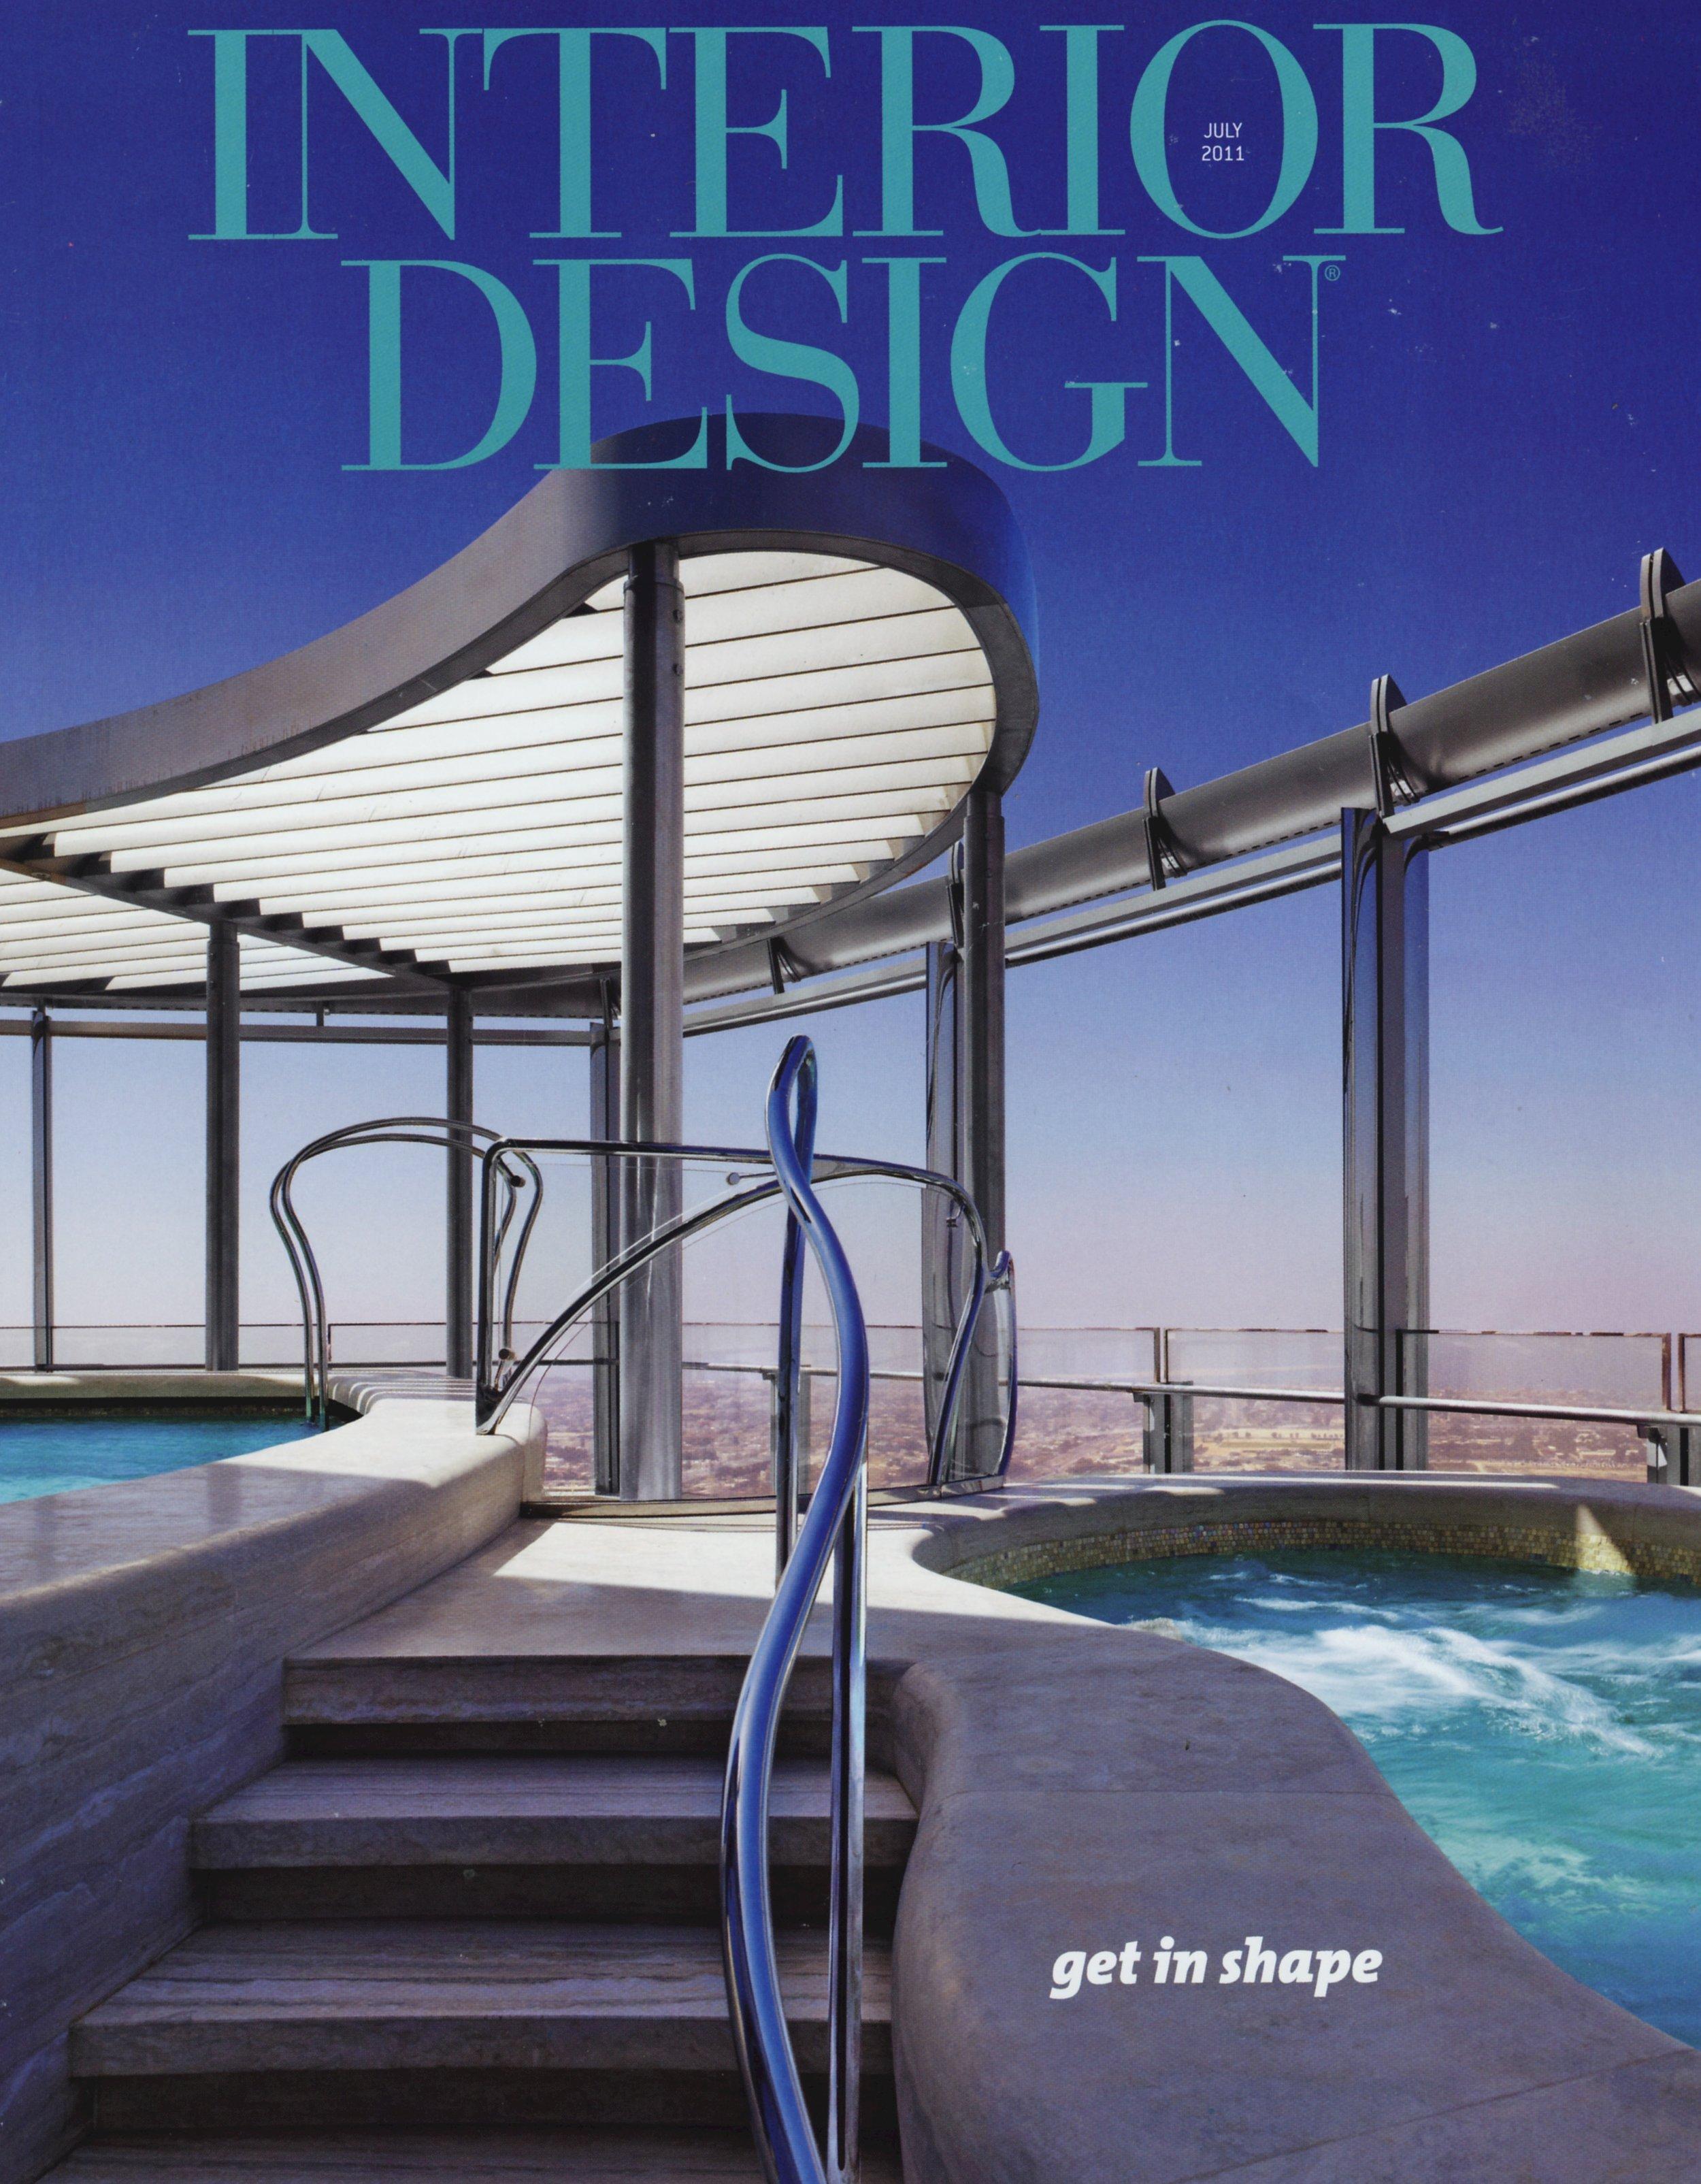 Matters of Design, Interior Design, 2011